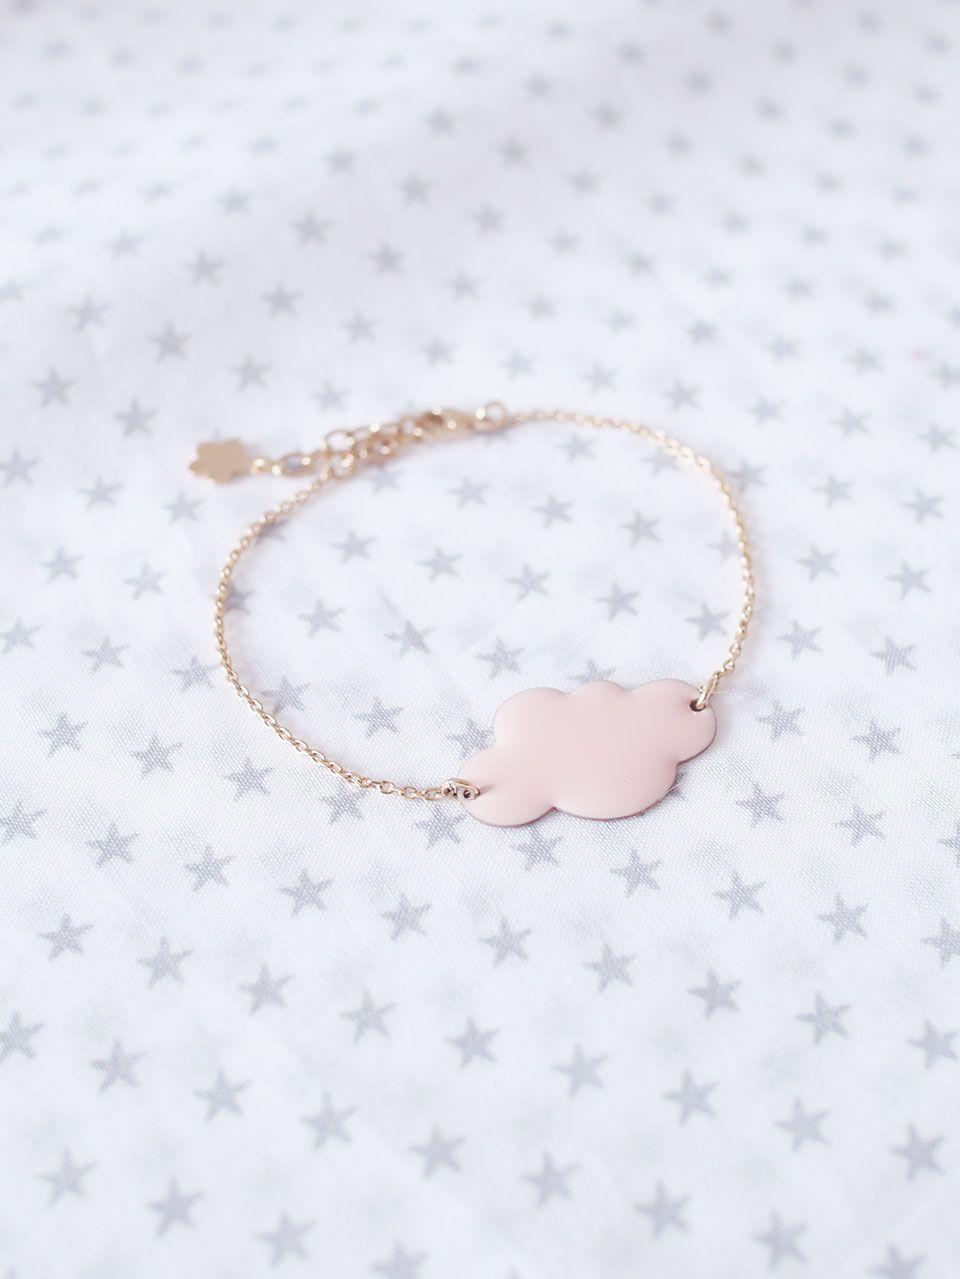 Bracelet nuage rose par la créatrice hop hop hop youmayloveit bb